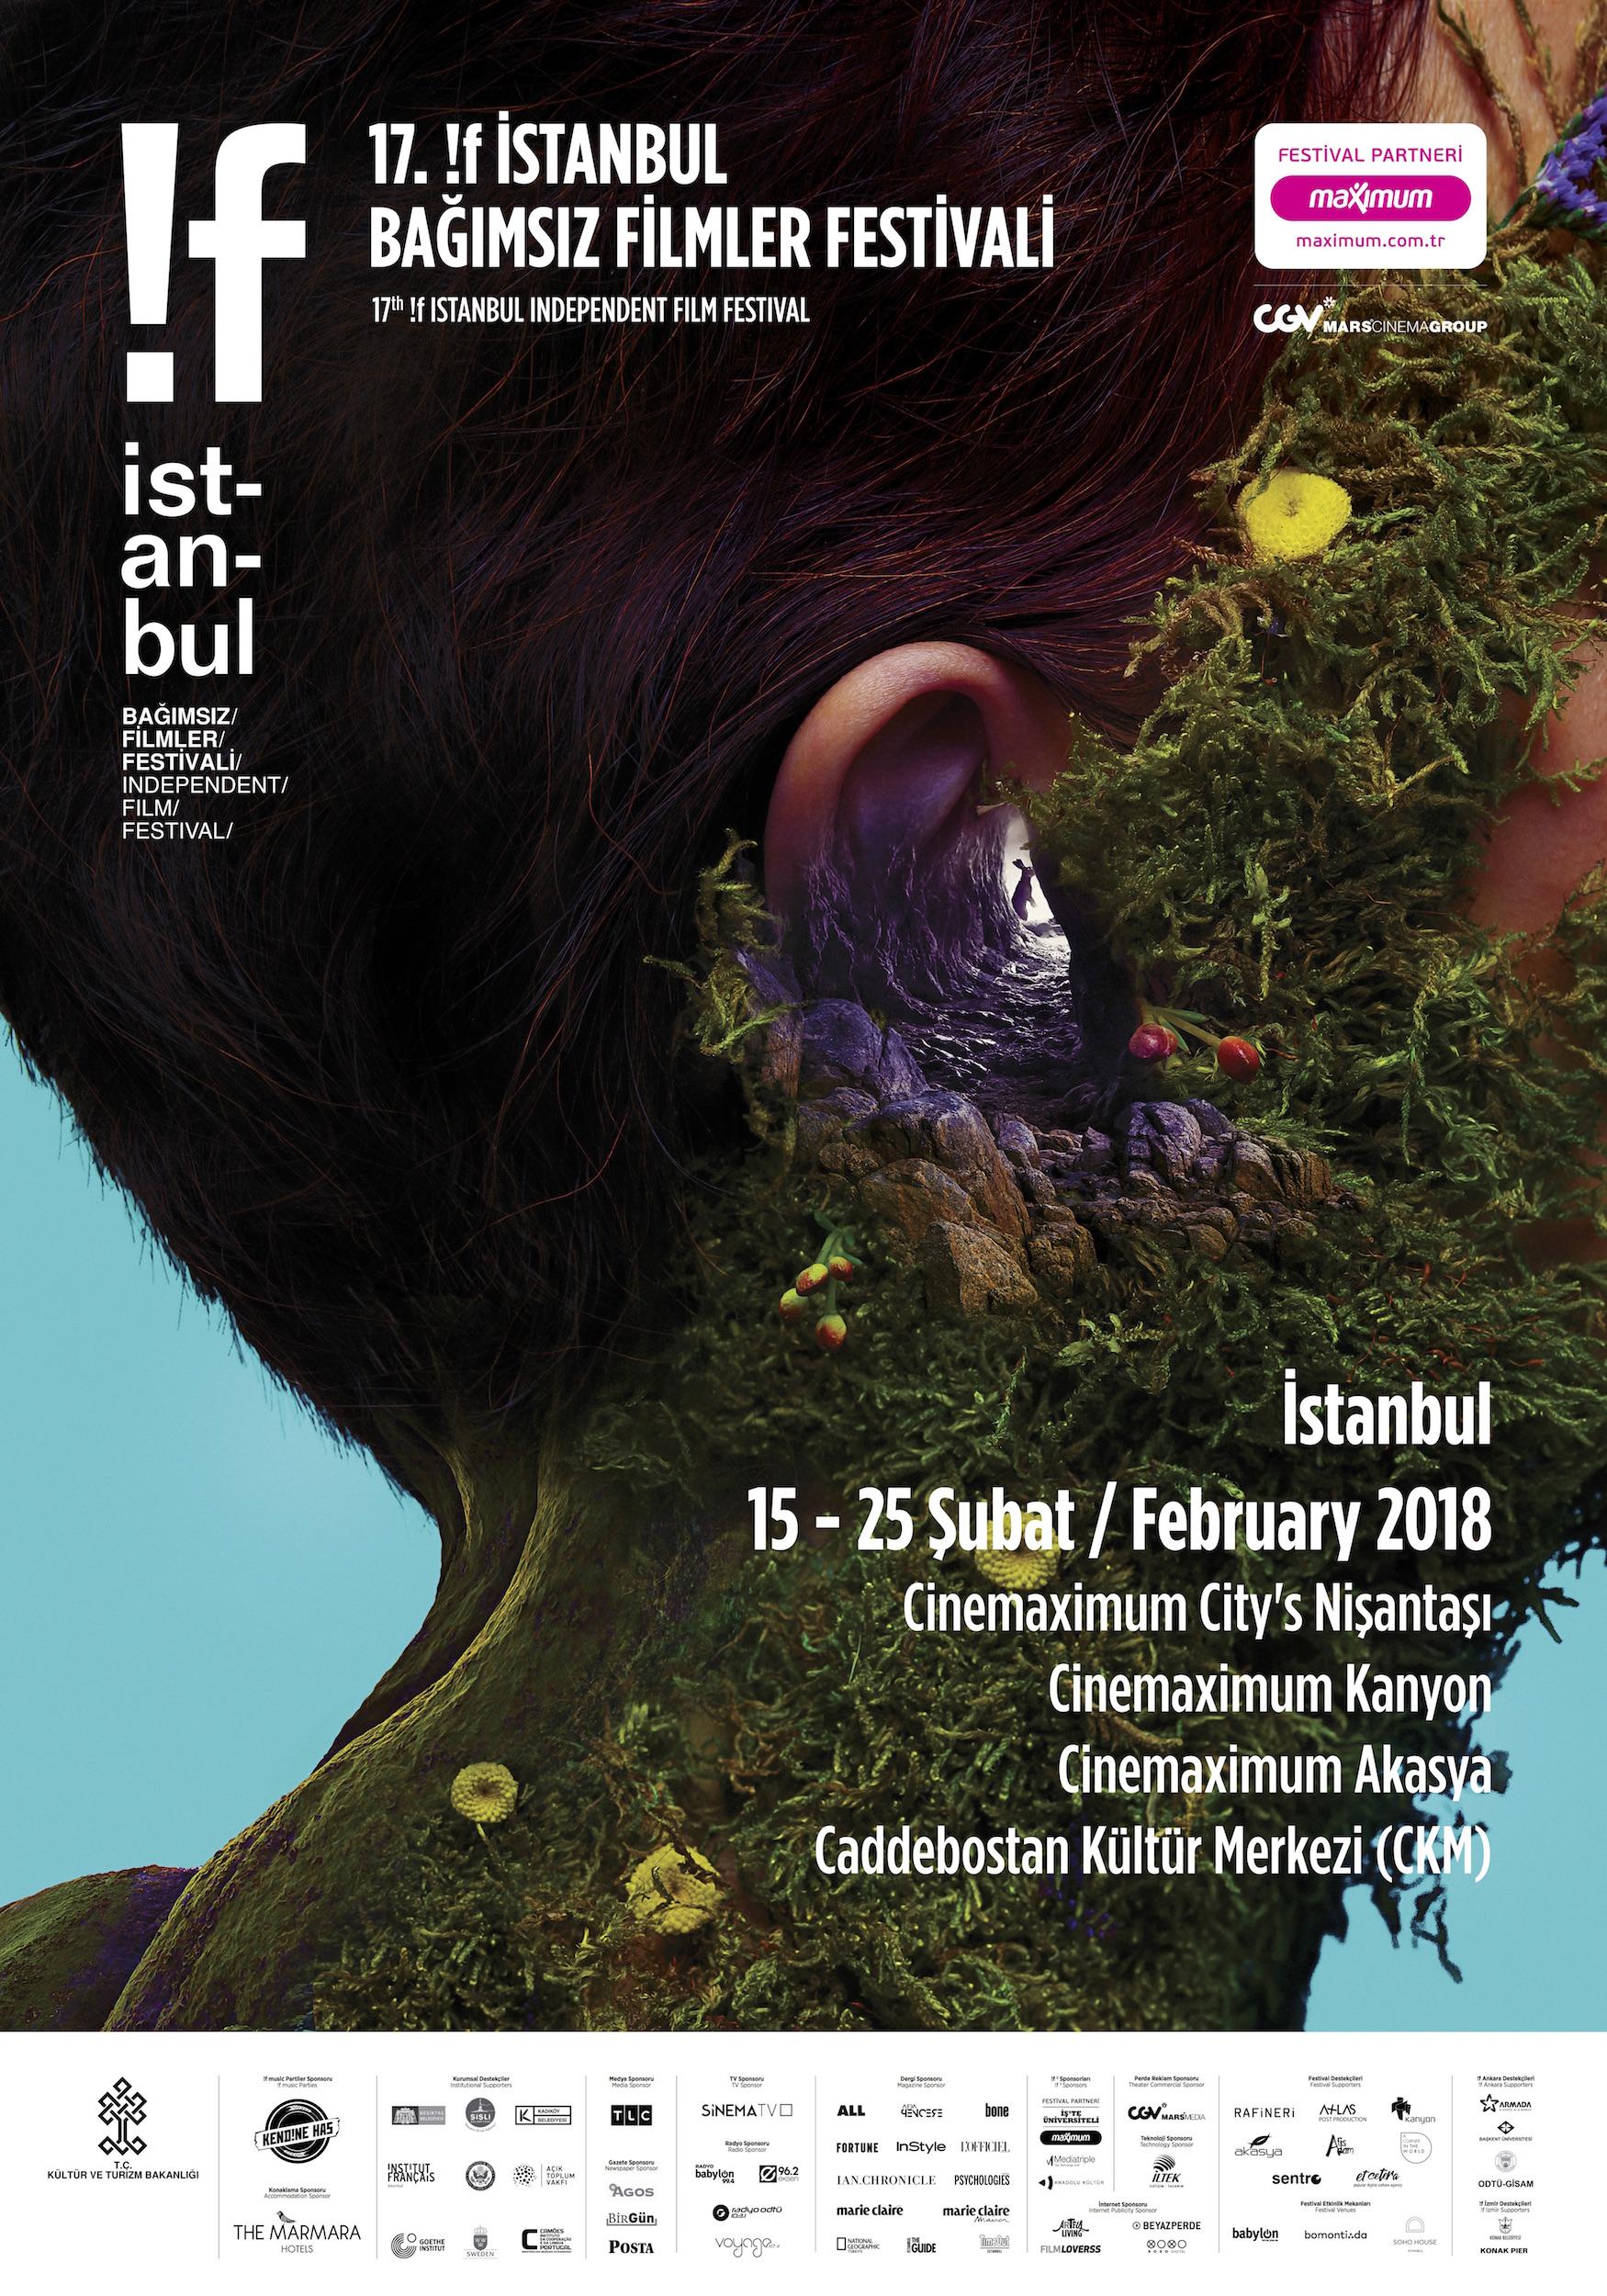 if istanbul afiş 2018 ile ilgili görsel sonucu